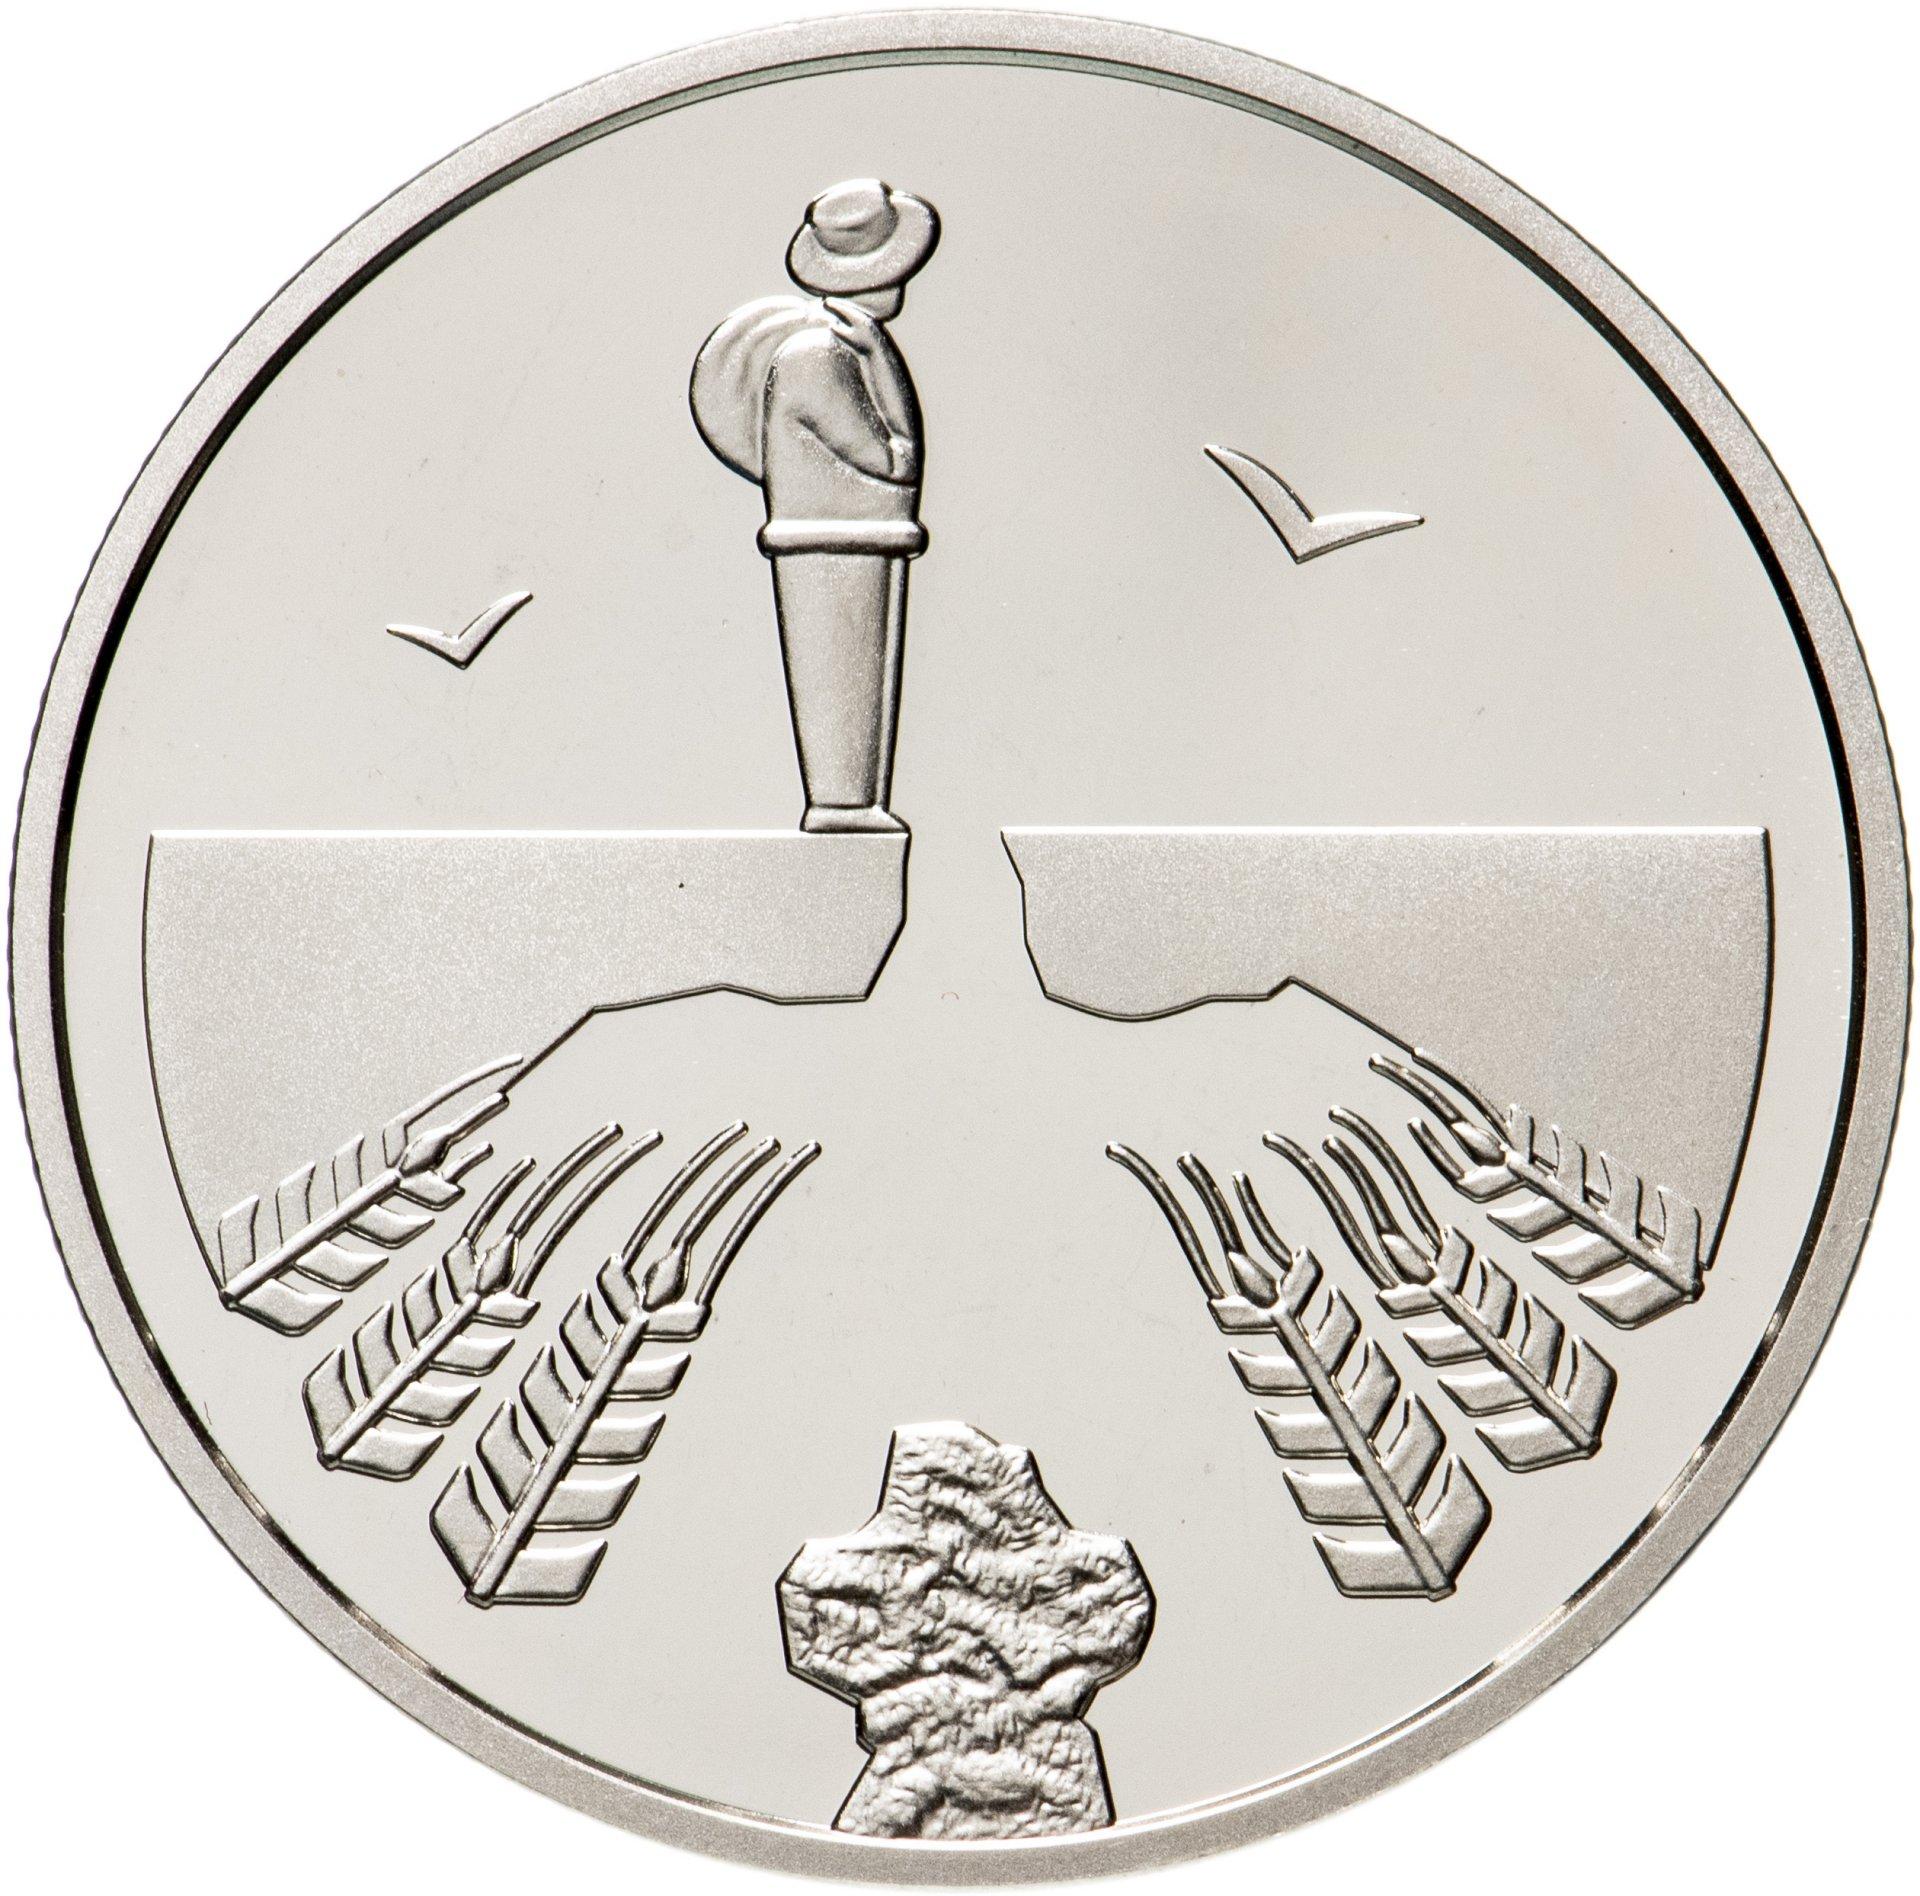 2 гривны 2021 год 150 лет со дня рождения Василия Стефаника Украина